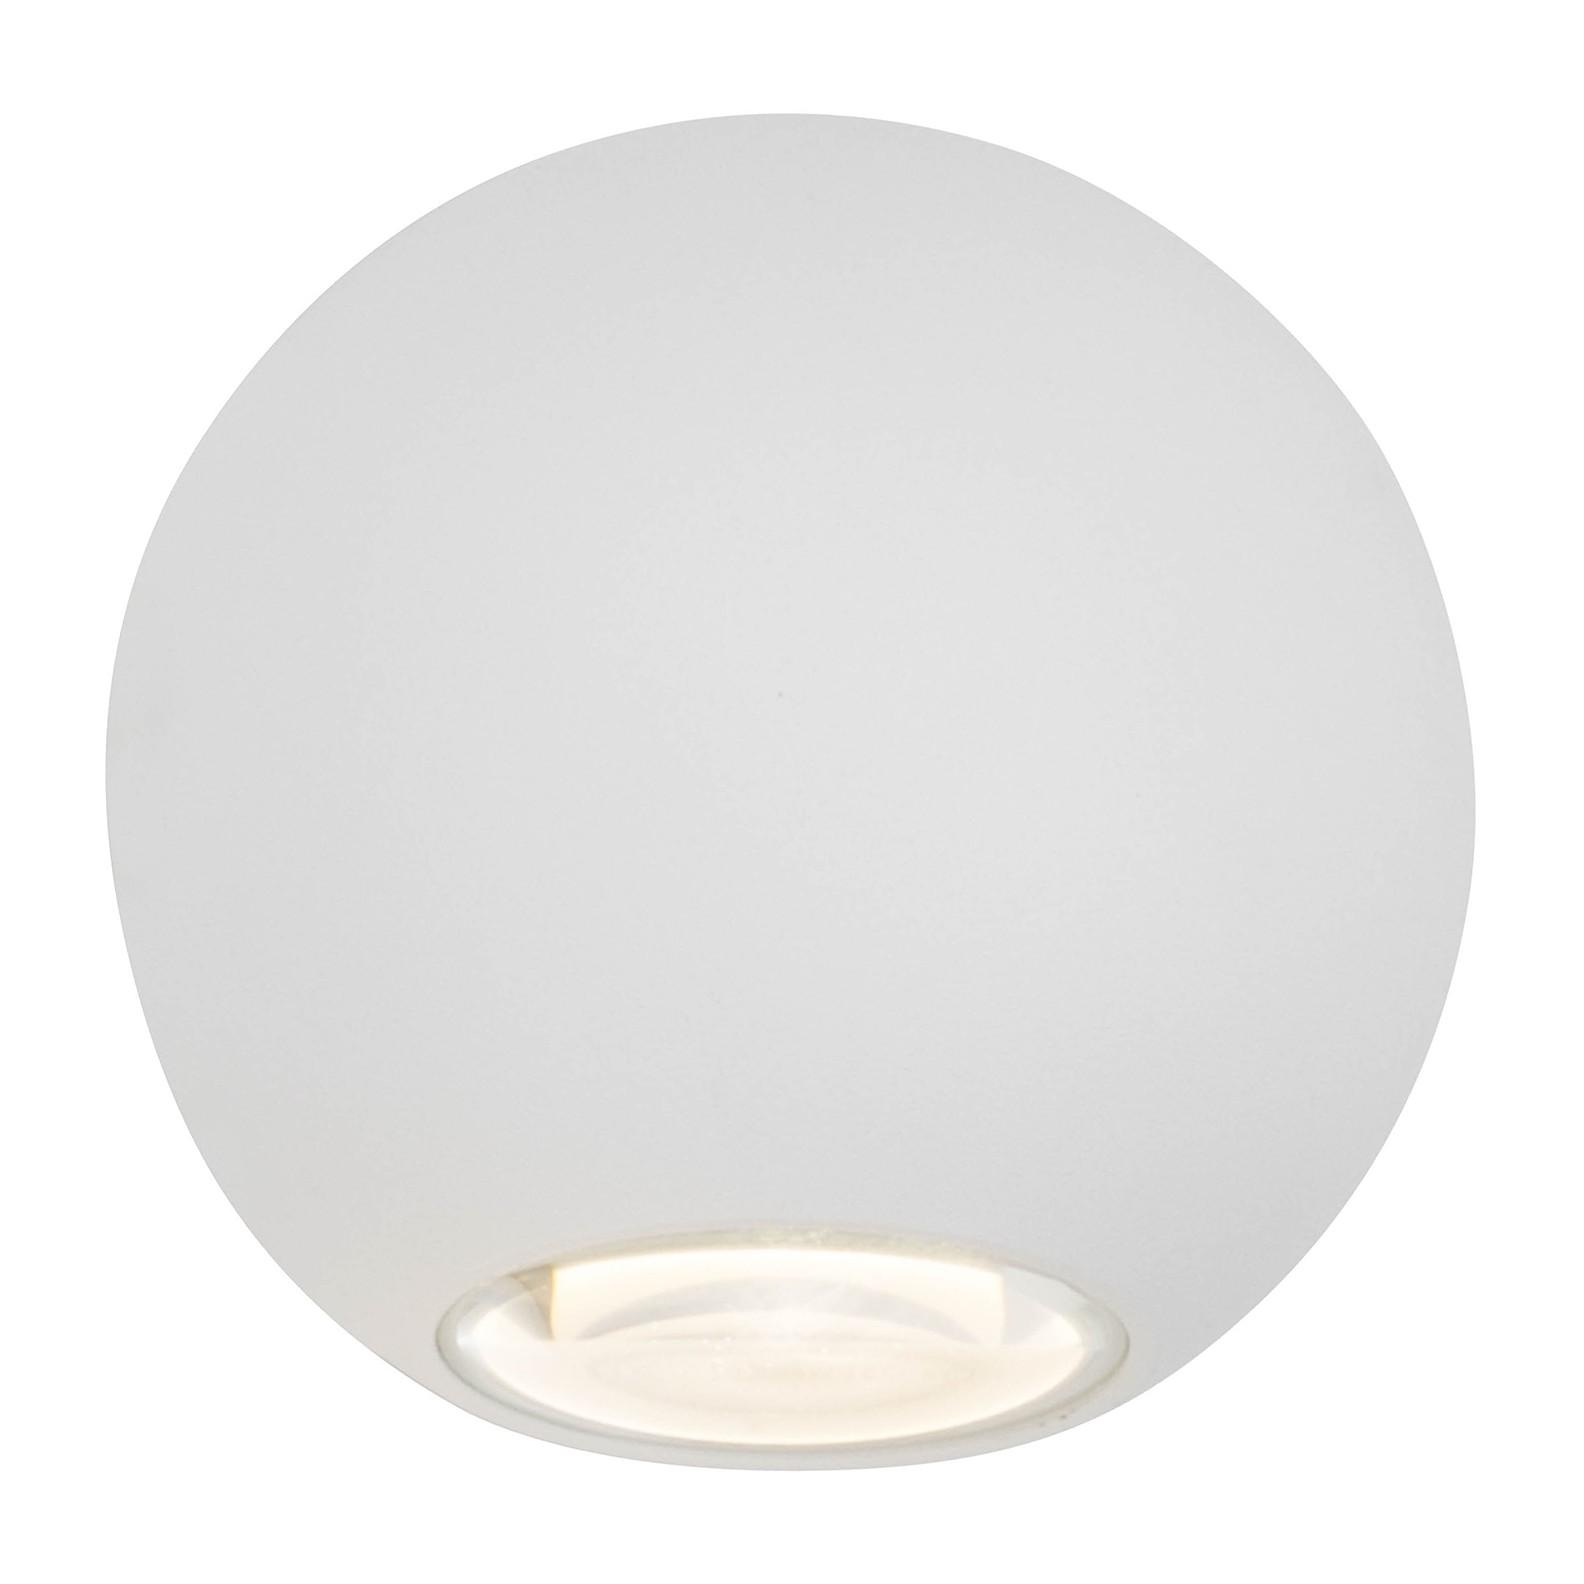 home24 LED-Aussen-Wandleuchte Gus | Lampen > Aussenlampen > Wandleuchten | Weiss | AEG